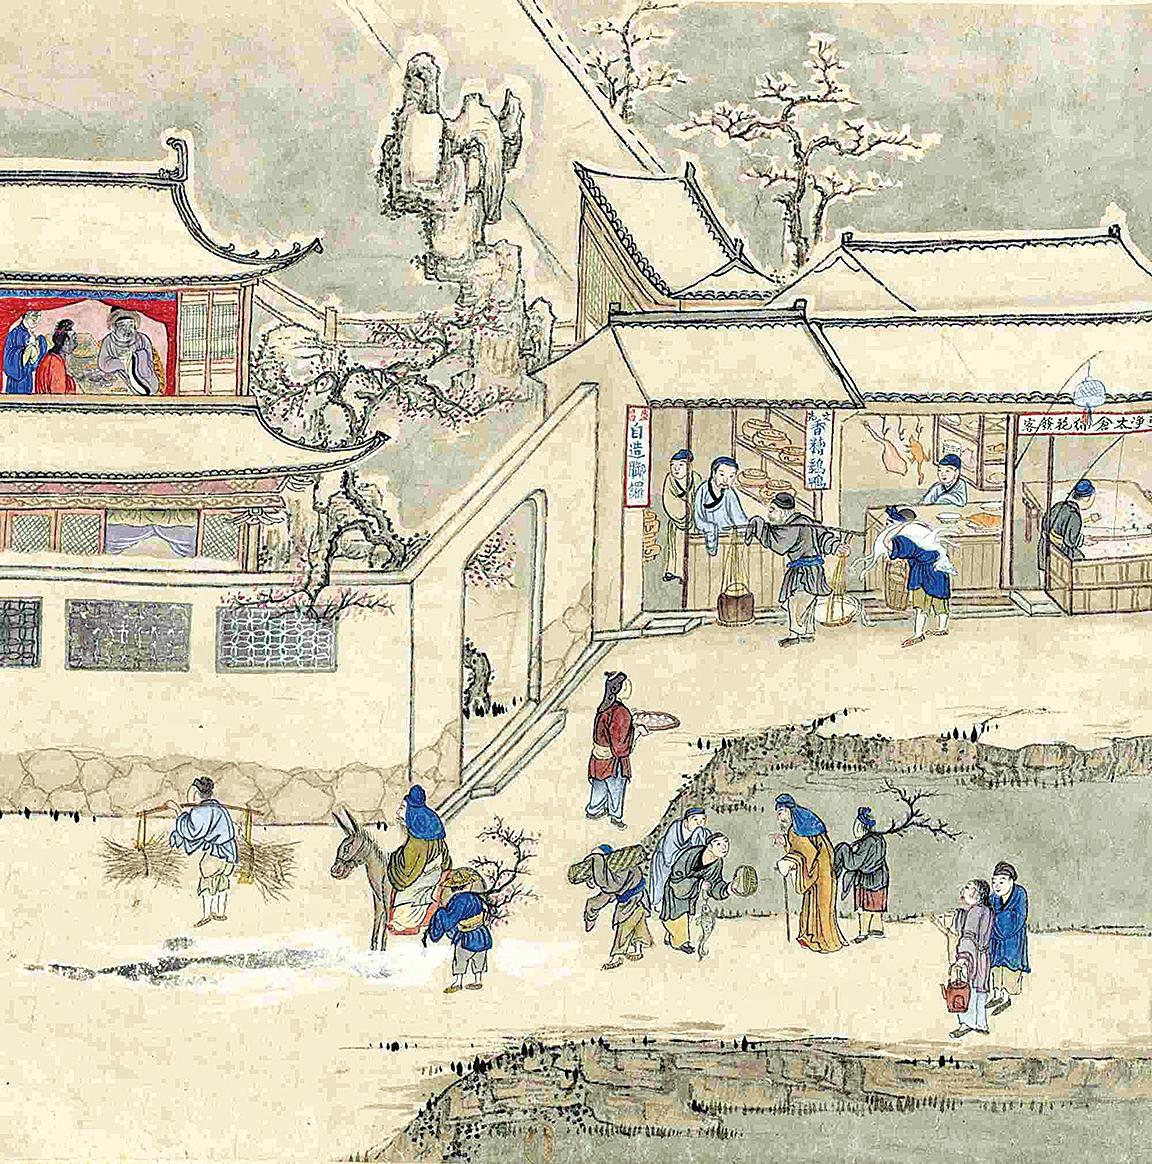 蘇軾私下囑咐屠戶,給他留下沒有人要的羊脊骨。示意圖:清繪本蘇州市景商業圖冊。(公有領域)